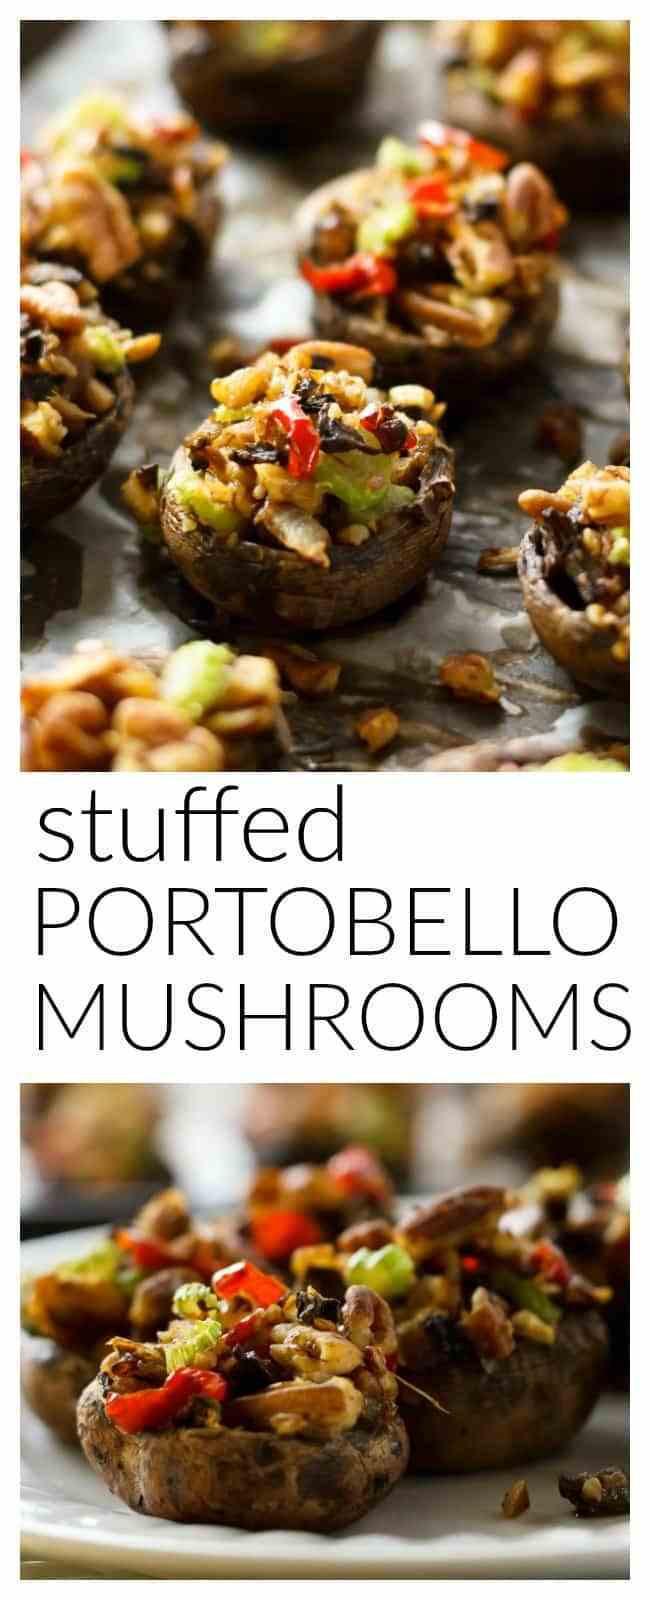 Stuffed Portabella Mushrooms Healthy  Vegan Stuffed Portobello Mushrooms